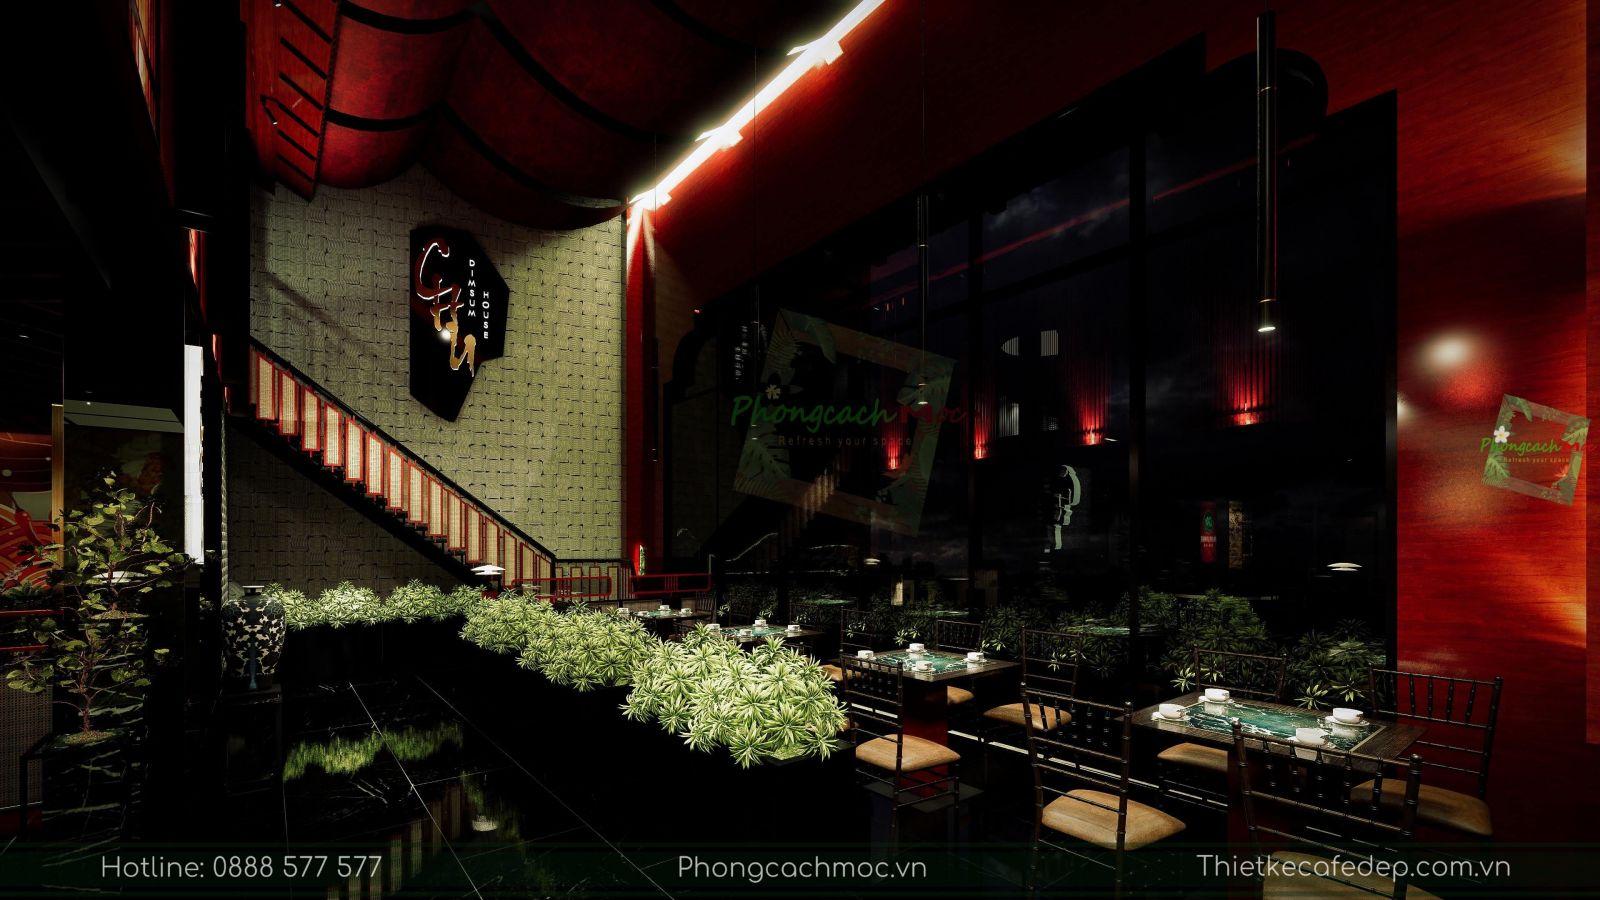 thiết kế nhà hàng trung hoa - không gian tầng trệt - nét văn hóa độc đáo - 6